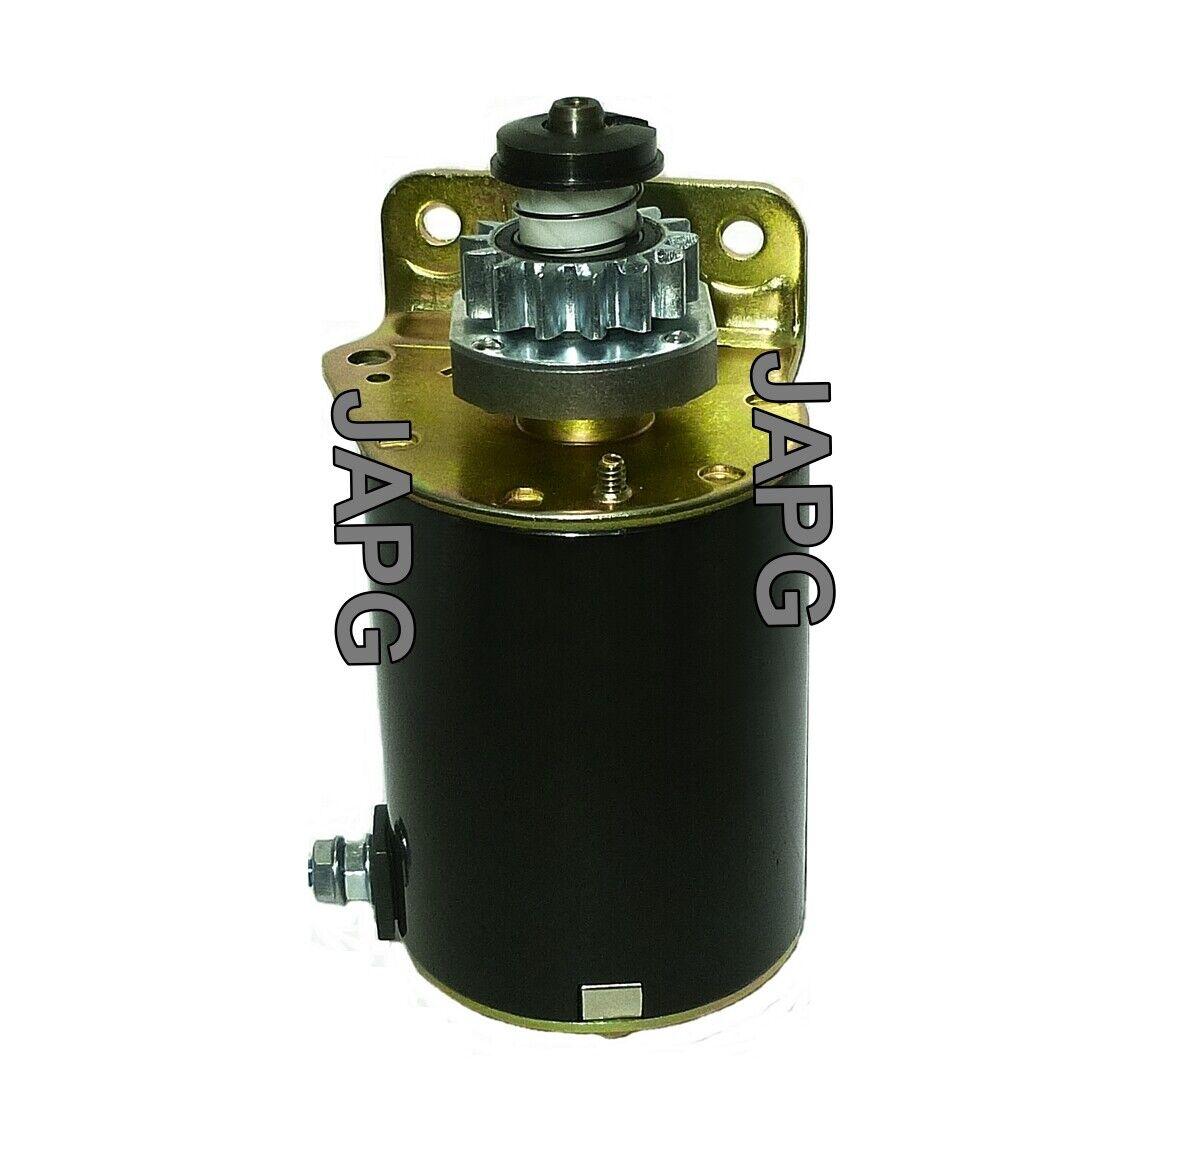 Motor de arranque eléctrico de motor, John Deere L100, L105, L107, L108, LA100, LA105, LA110